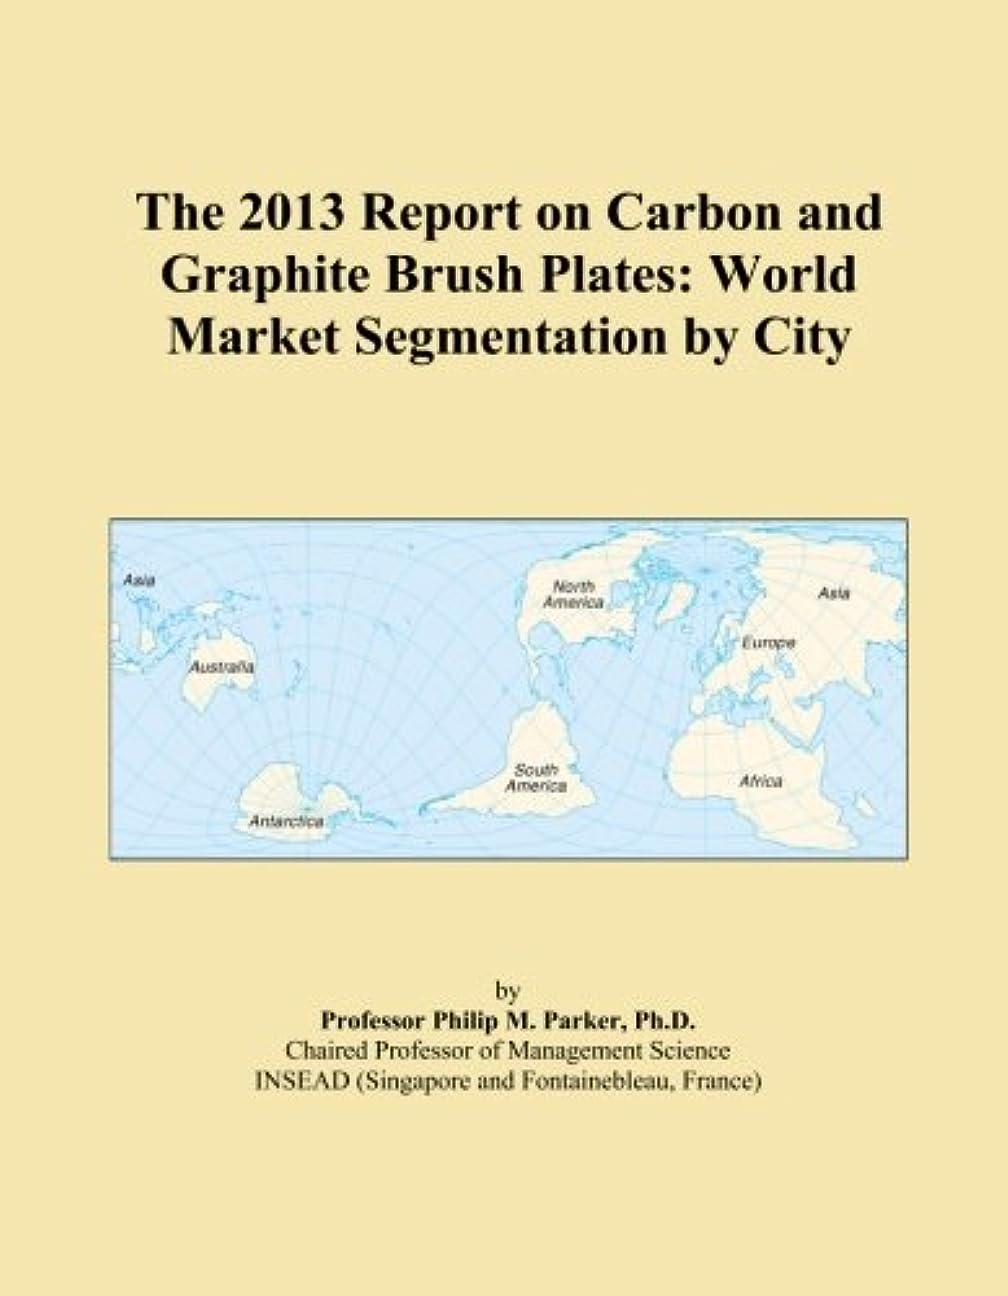 別れる底震えるThe 2013 Report on Carbon and Graphite Brush Plates: World Market Segmentation by City